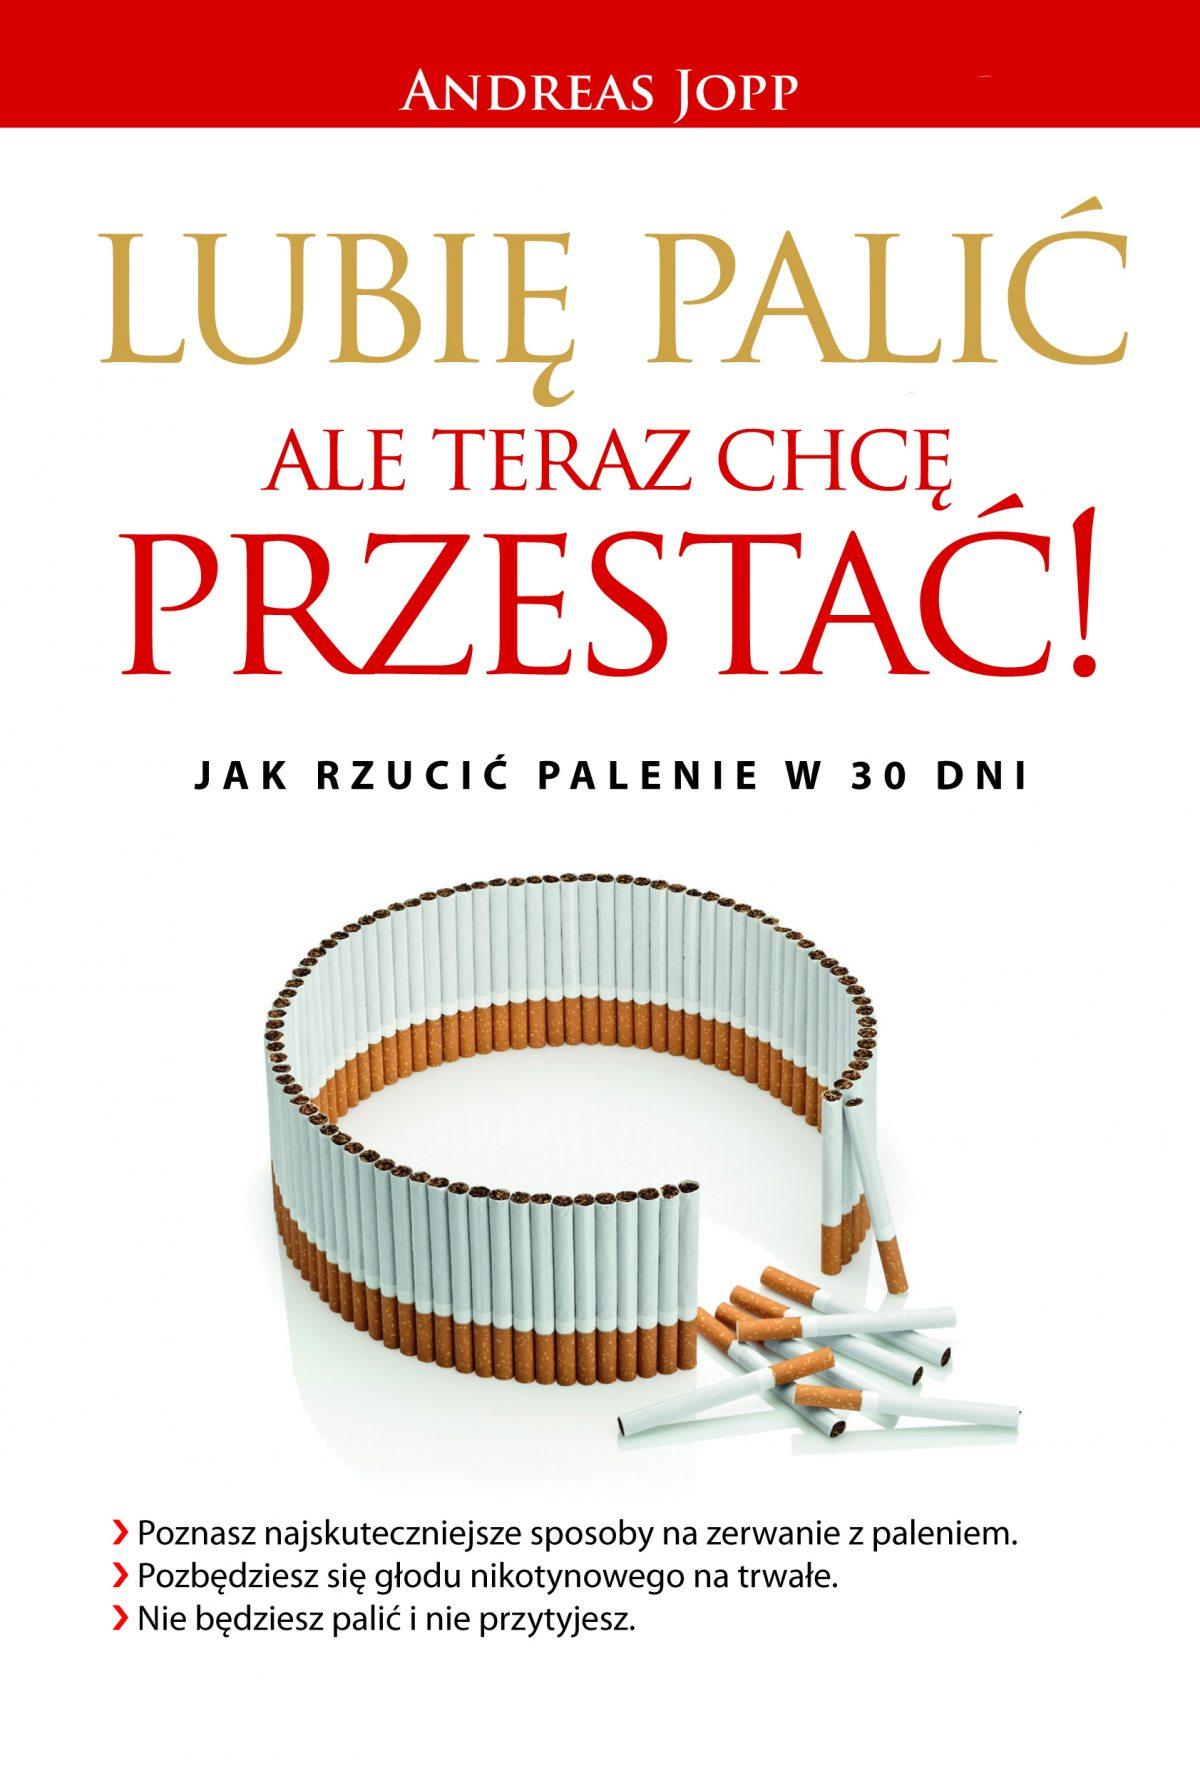 Lubię palić. Ale teraz chcę przestać! Jak rzucić palenie w 30 dni - Ebook (Książka EPUB) do pobrania w formacie EPUB